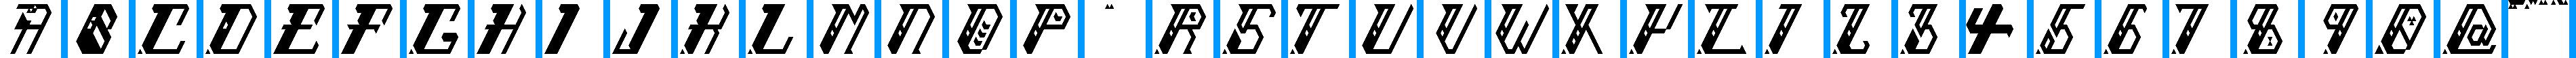 Particip-a-type v.299